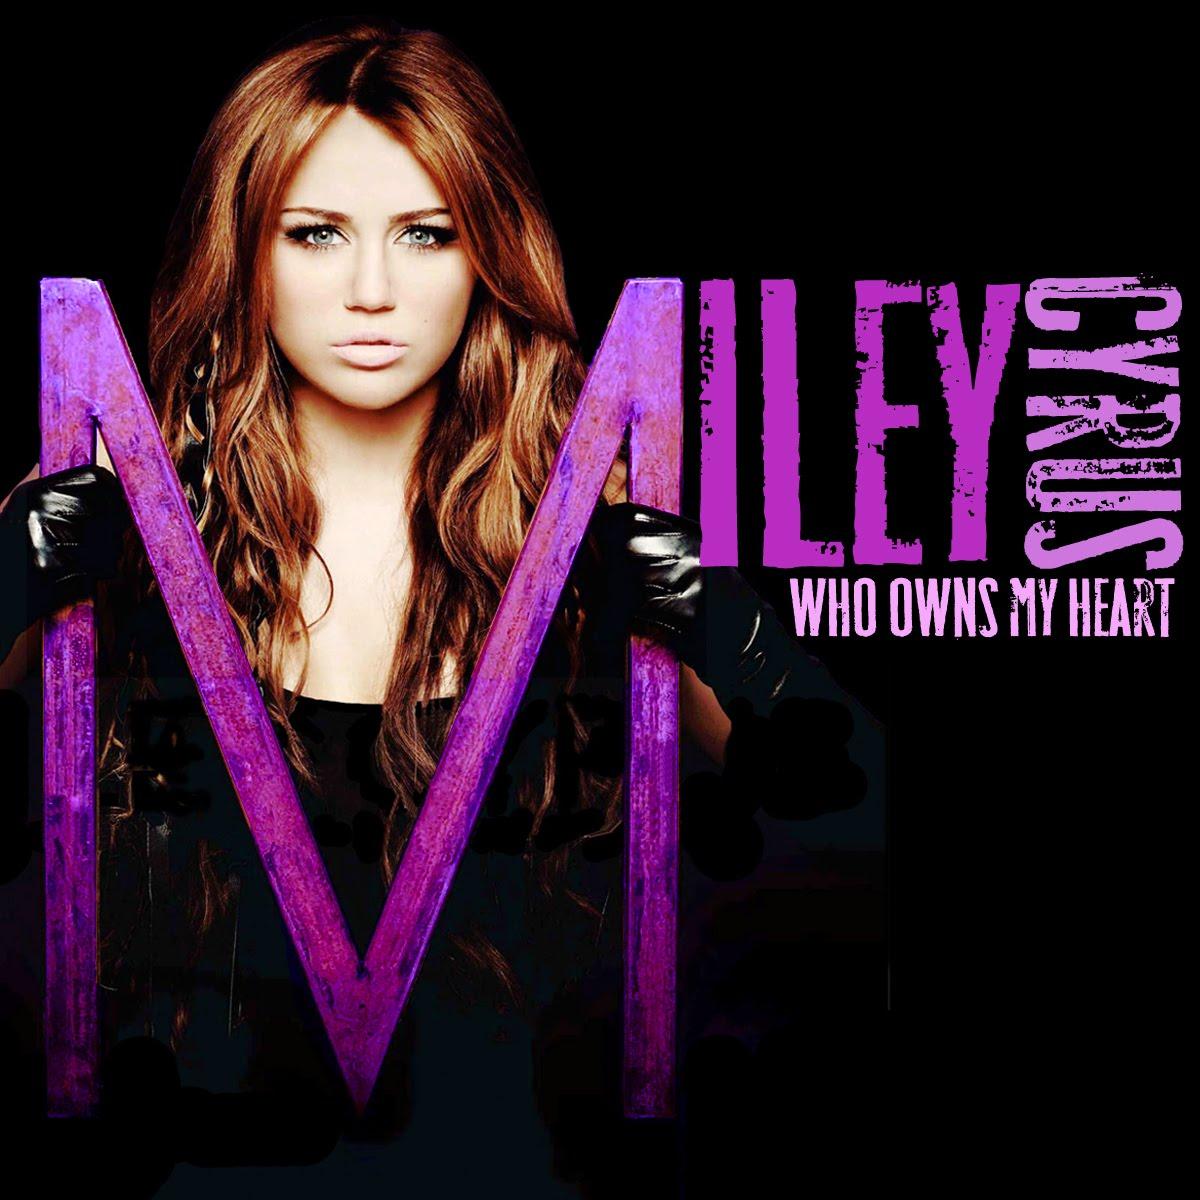 http://4.bp.blogspot.com/_8-w5AsTbYww/TInPKlneZQI/AAAAAAAAAeU/xety9zuyyd4/s1600/Miley-Cyrus-Who-Owns-My-Heart-FanMade.jpg